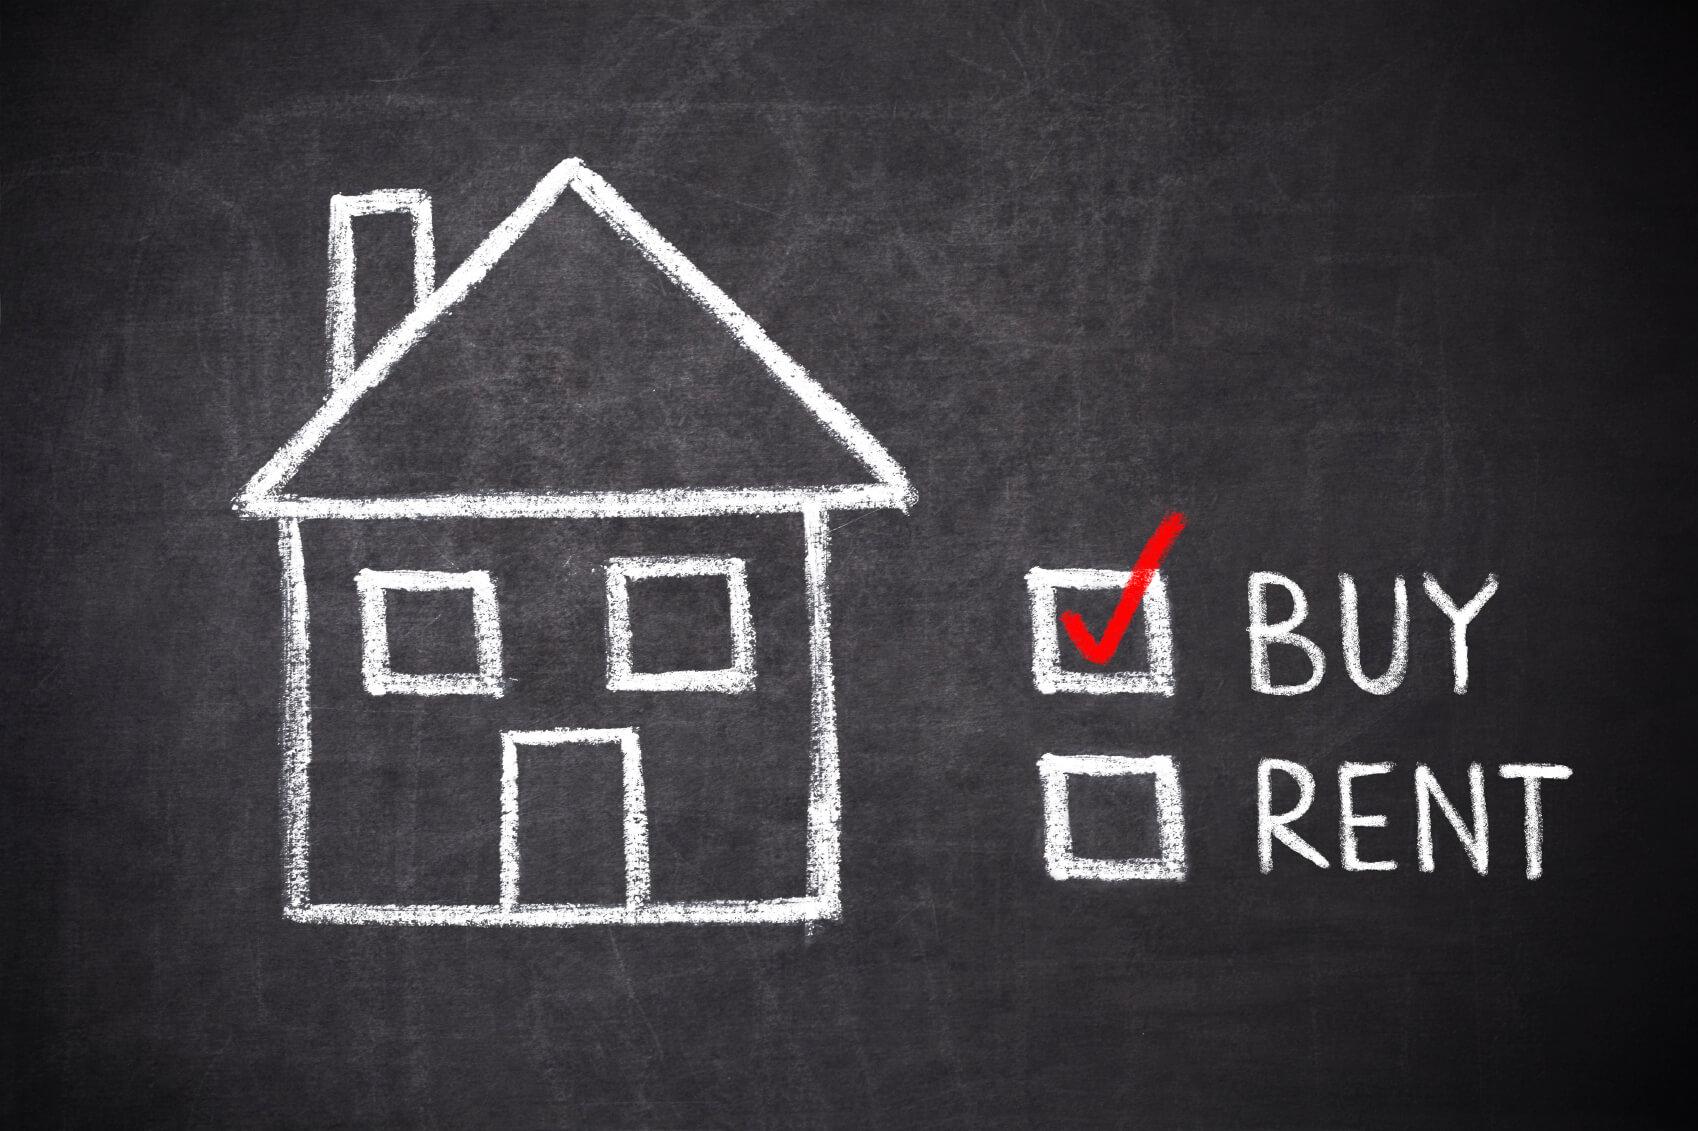 new_homebuyers_seminar.jpg